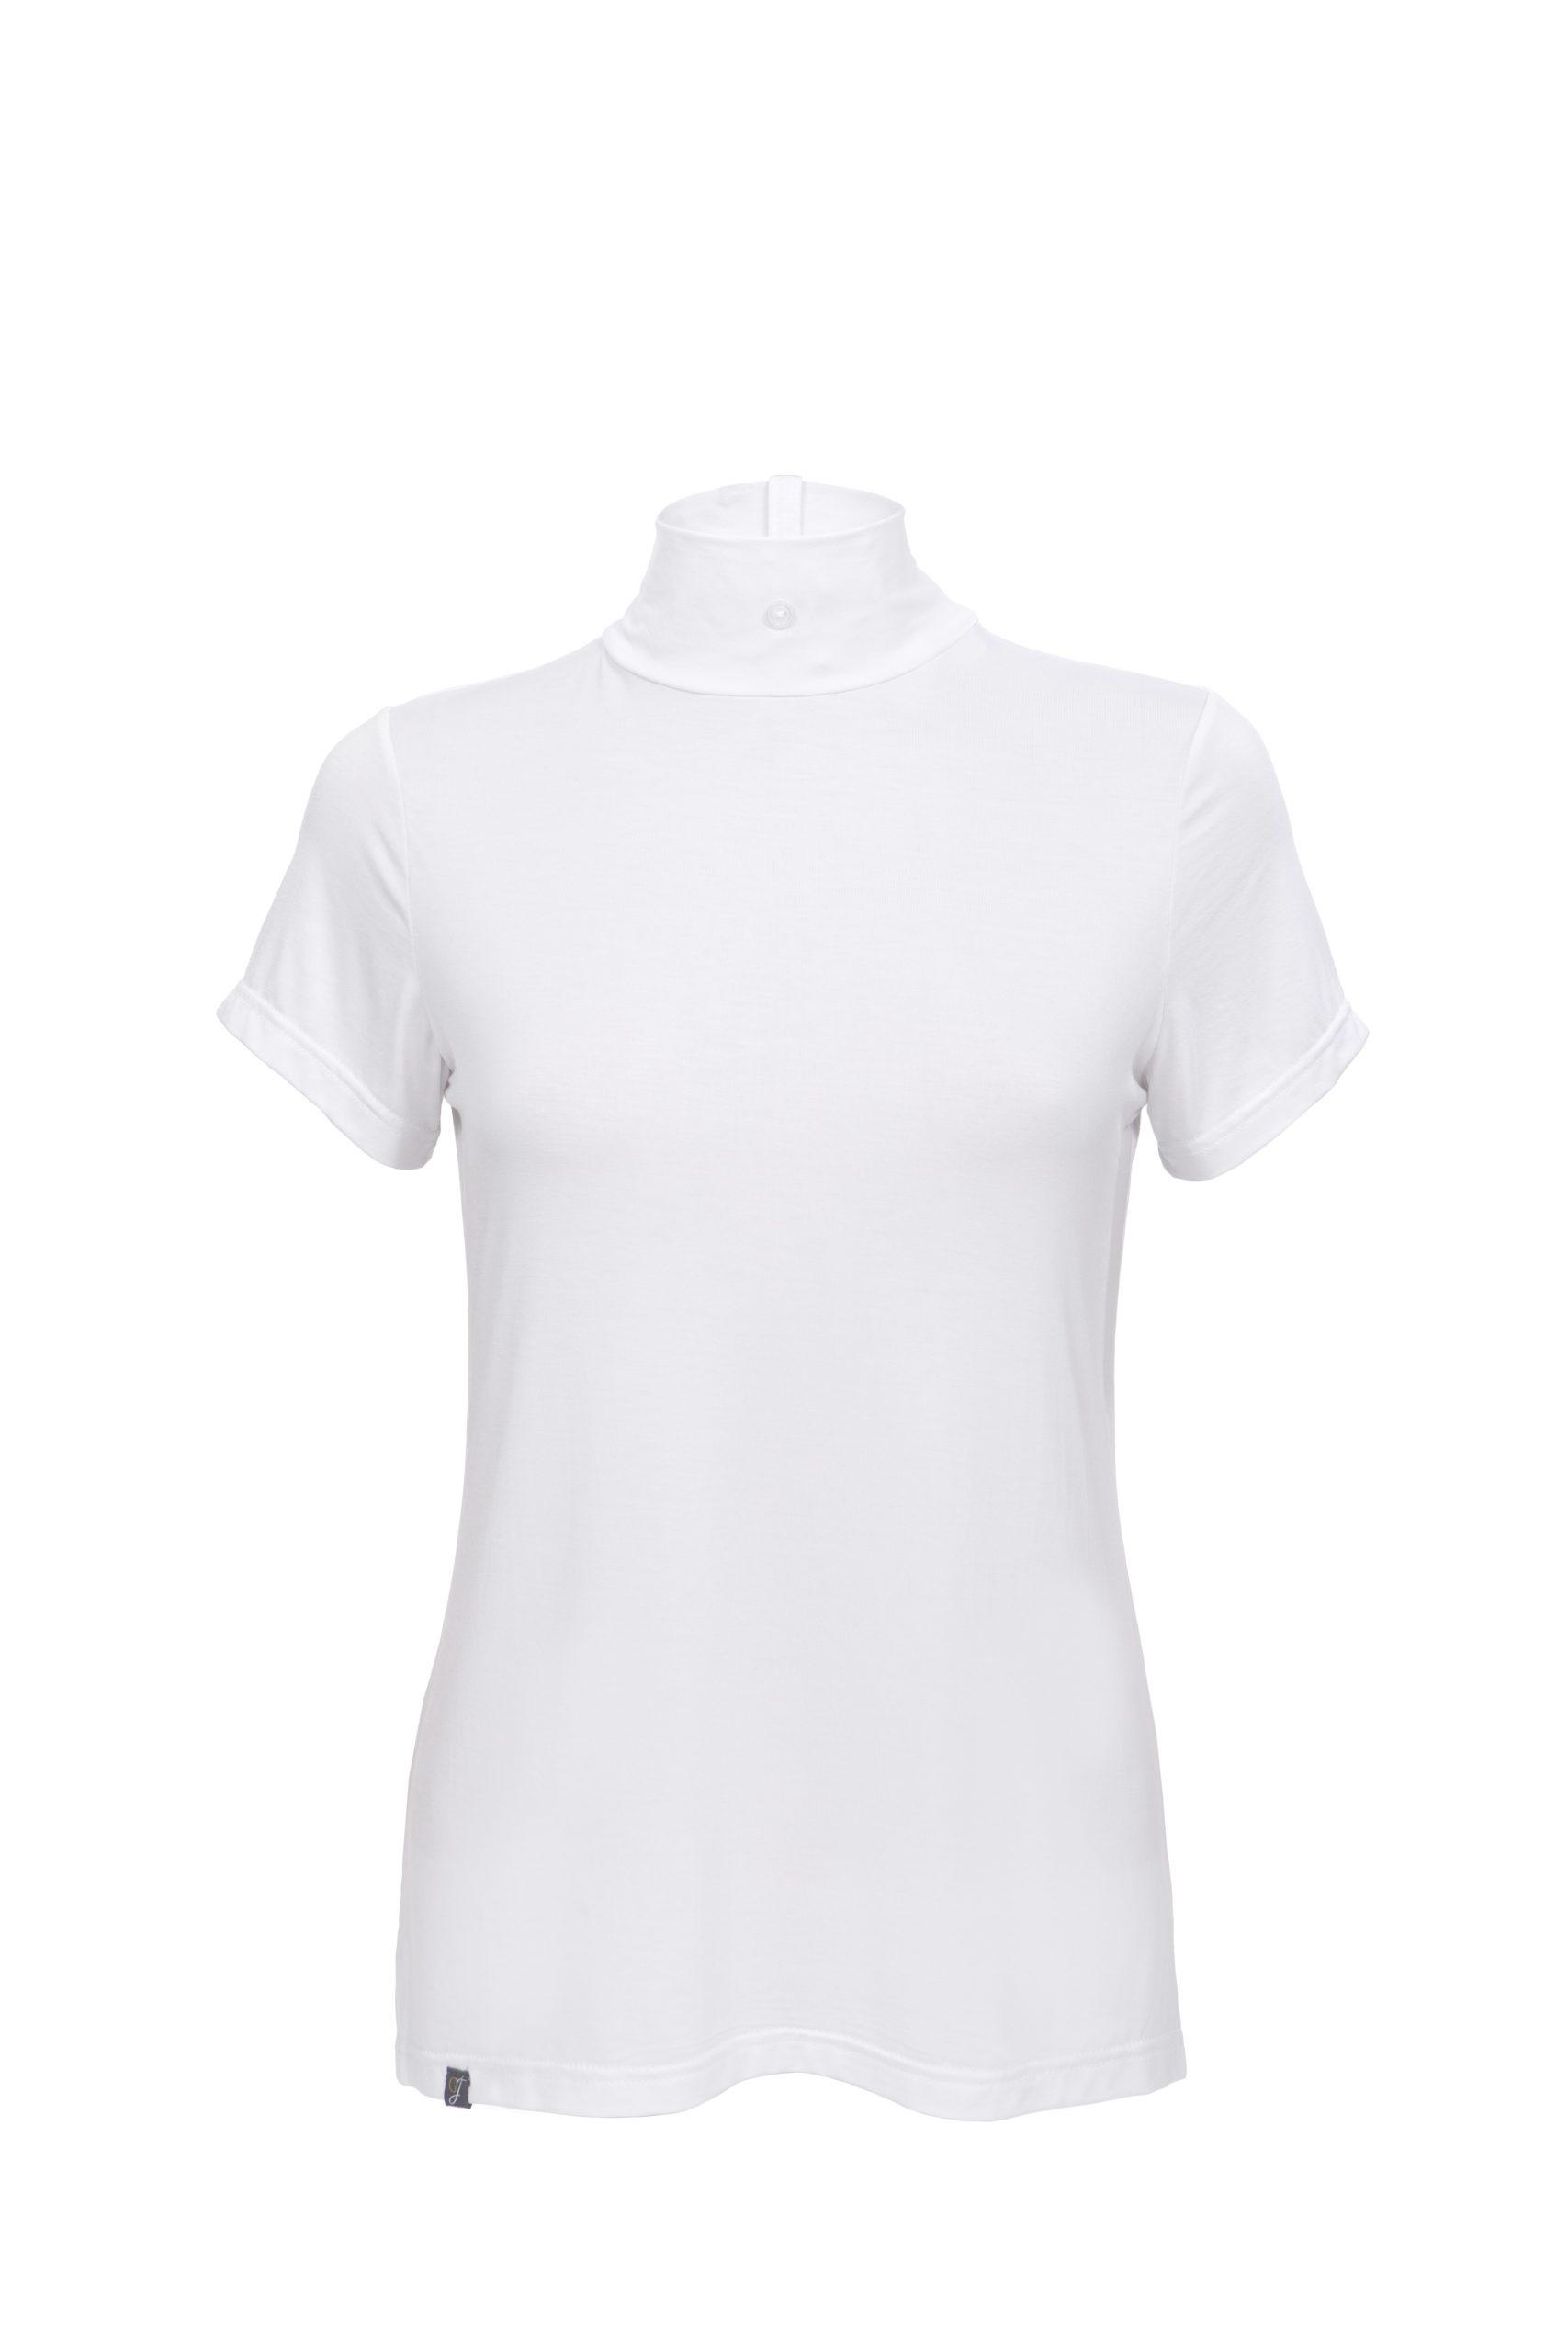 white bamboo lightweight stock shirt